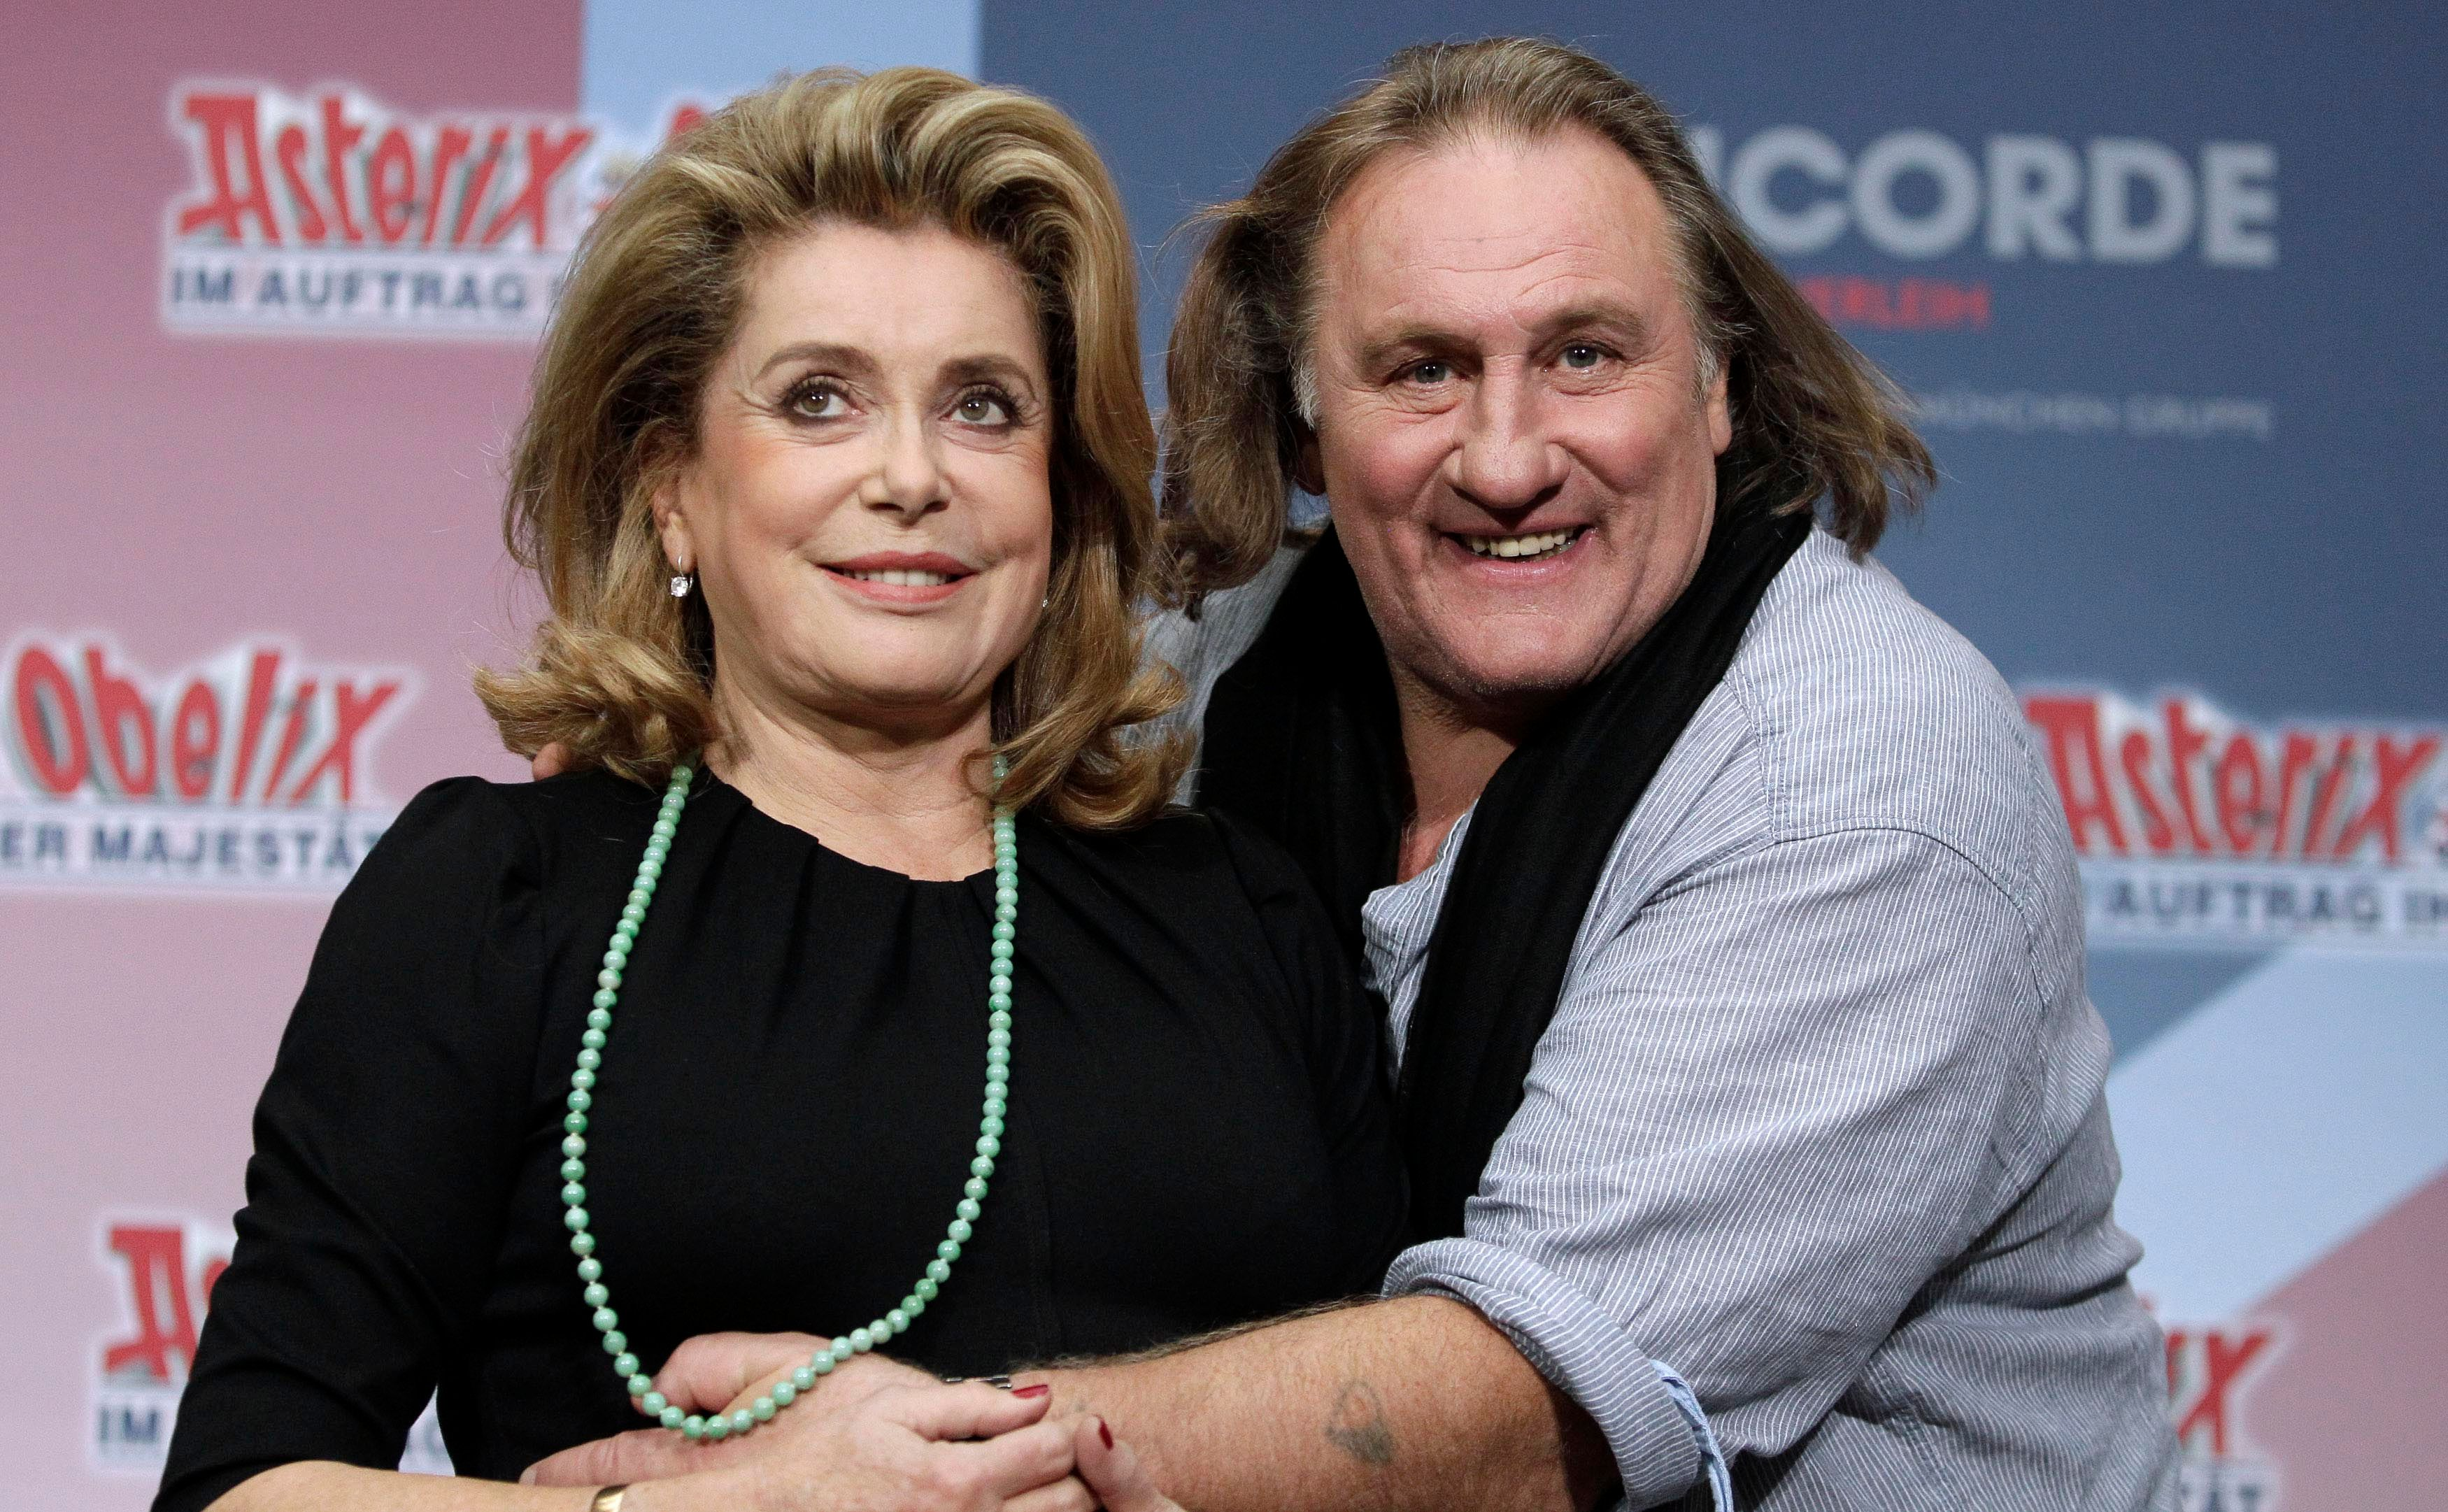 Catherine Deneuve est montée au créneau pour soutenir Gérard Depardieu